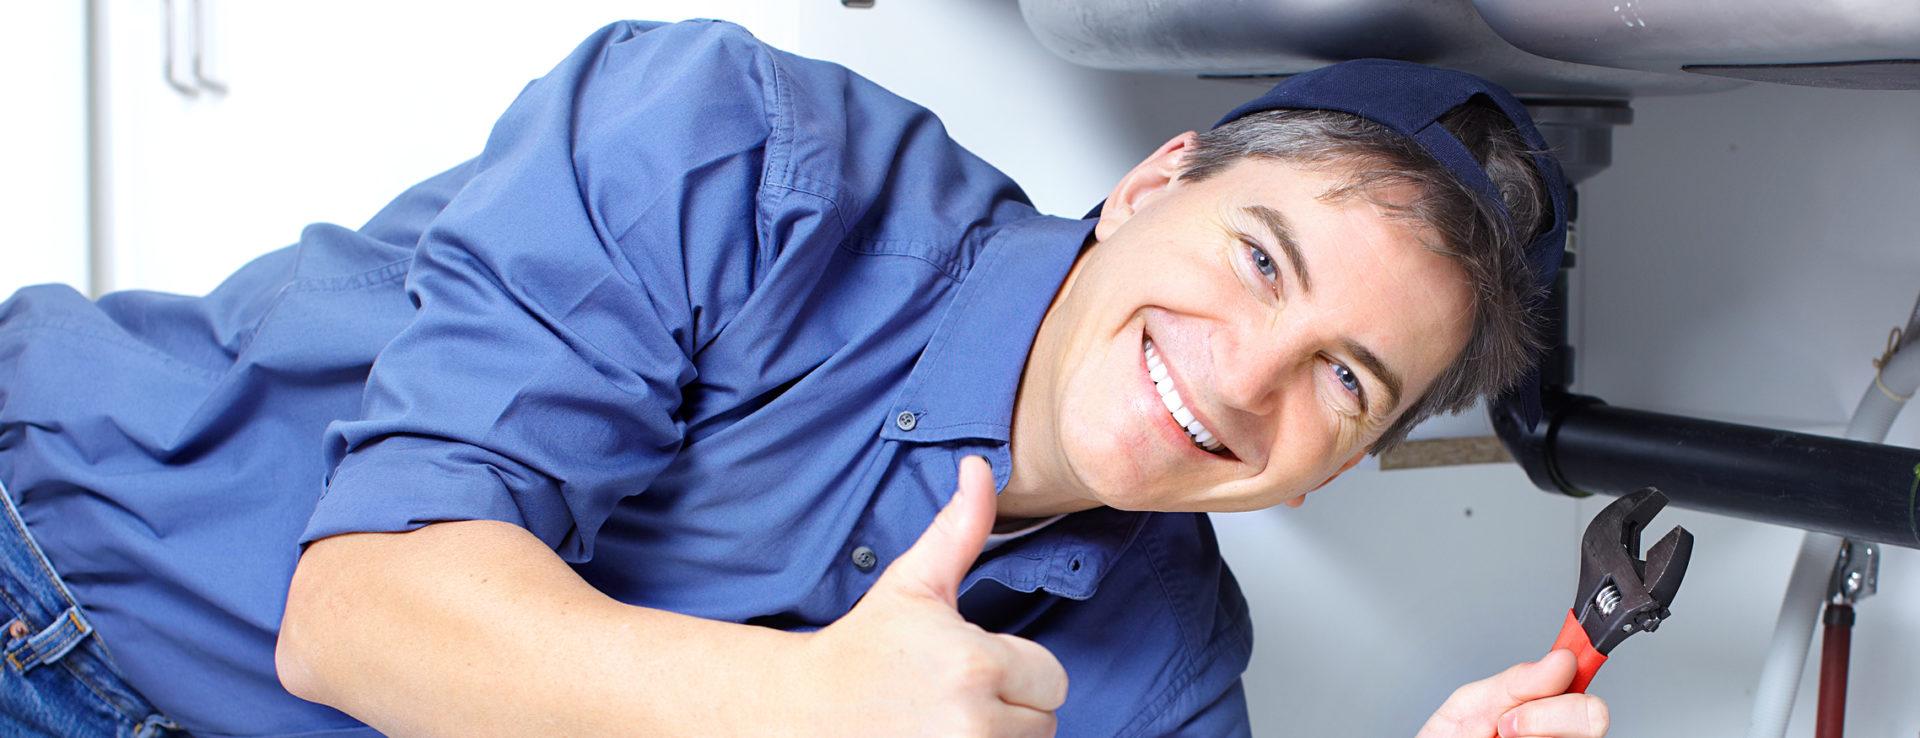 Idraulico Desio caldaie offerta montaggio e revisione